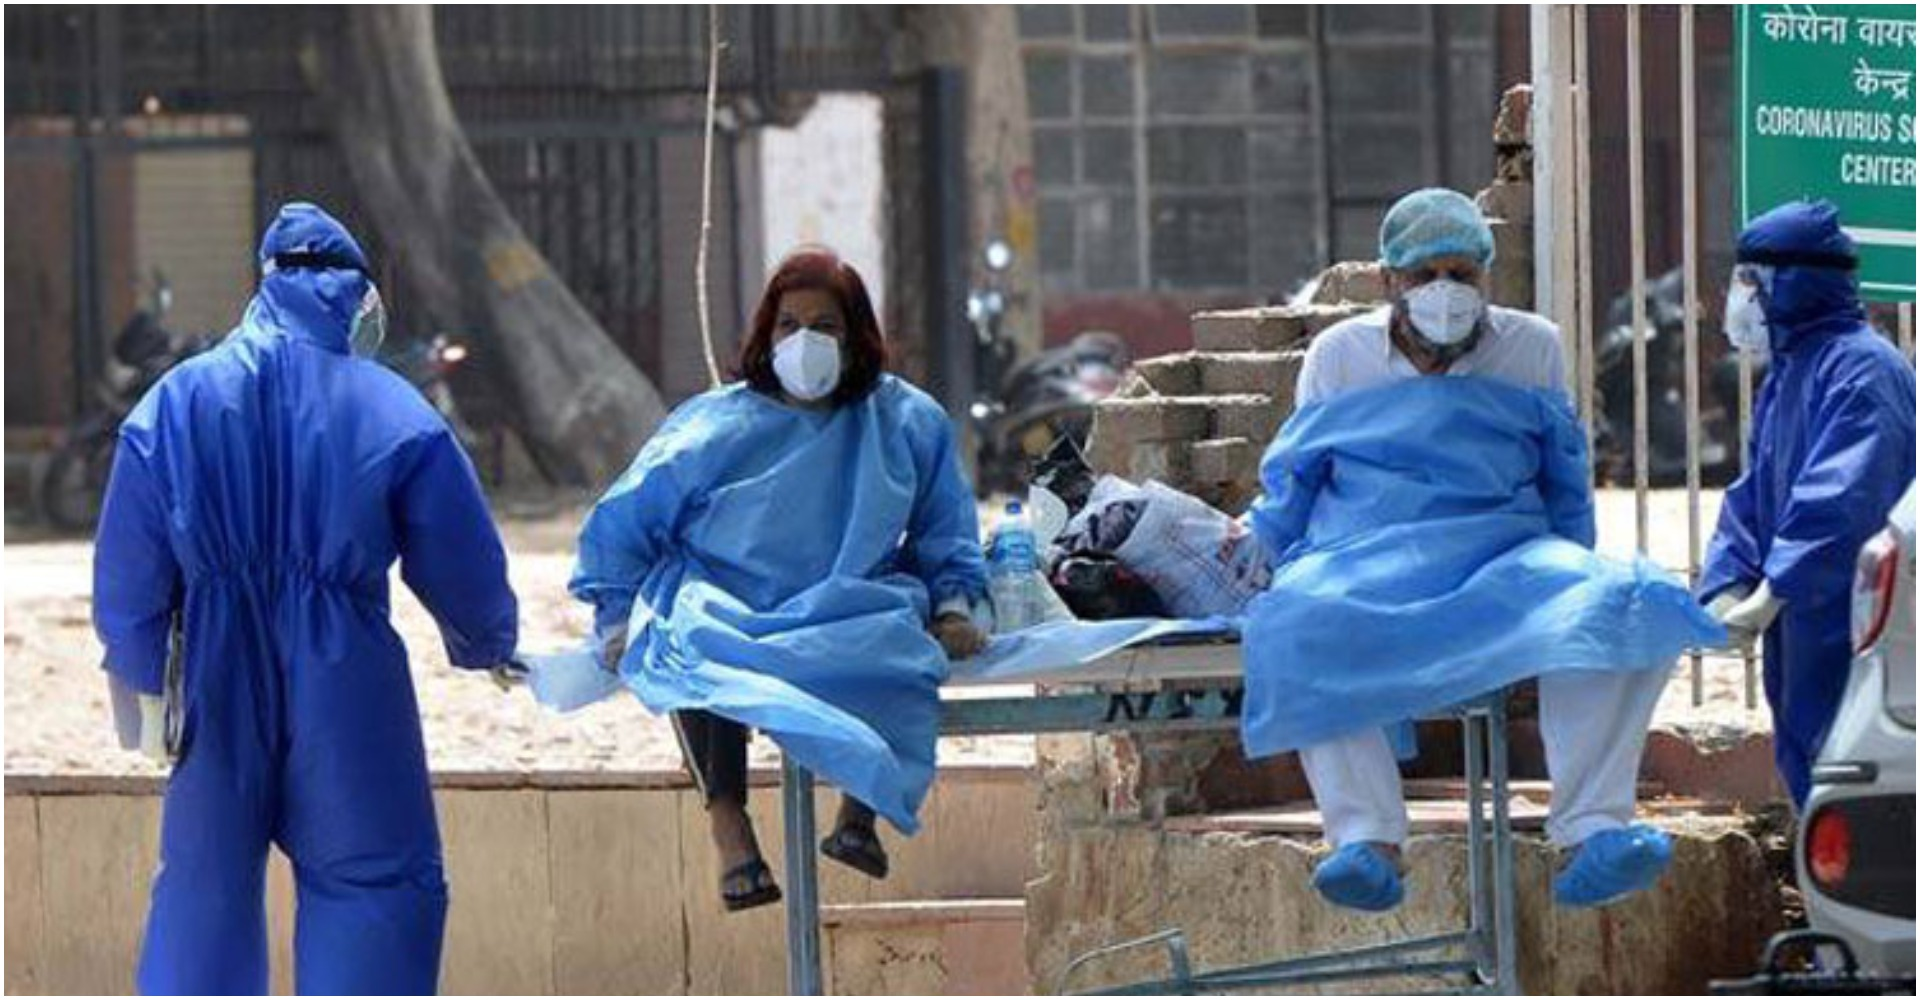 कोरोना से संक्रमित मरीजों का इलाज ना करने वाले लापरवाह अस्पताल पर होगी सख्त कारवाही- केंद्र सरकार